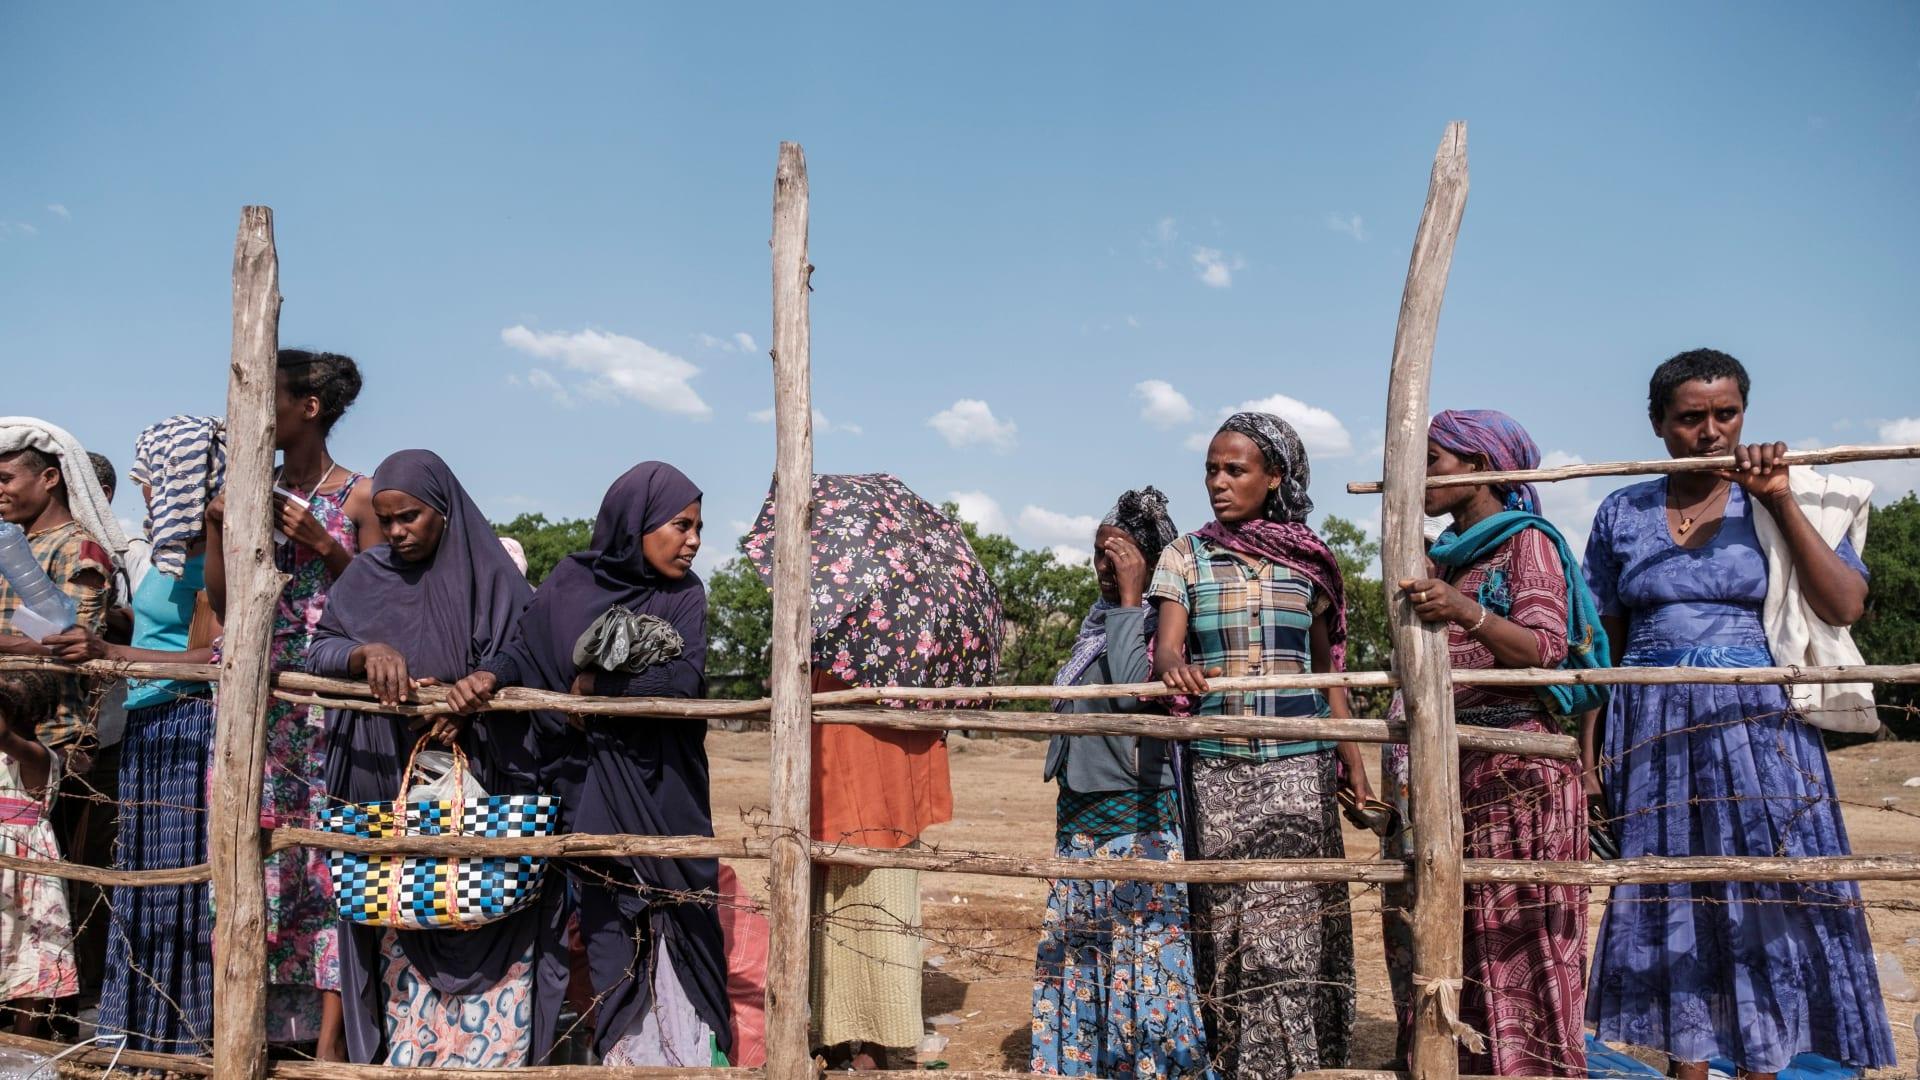 العفو الدولية: القوات الإريترية نفذت مذبحة في منطقة تيغراي الإثيوبية